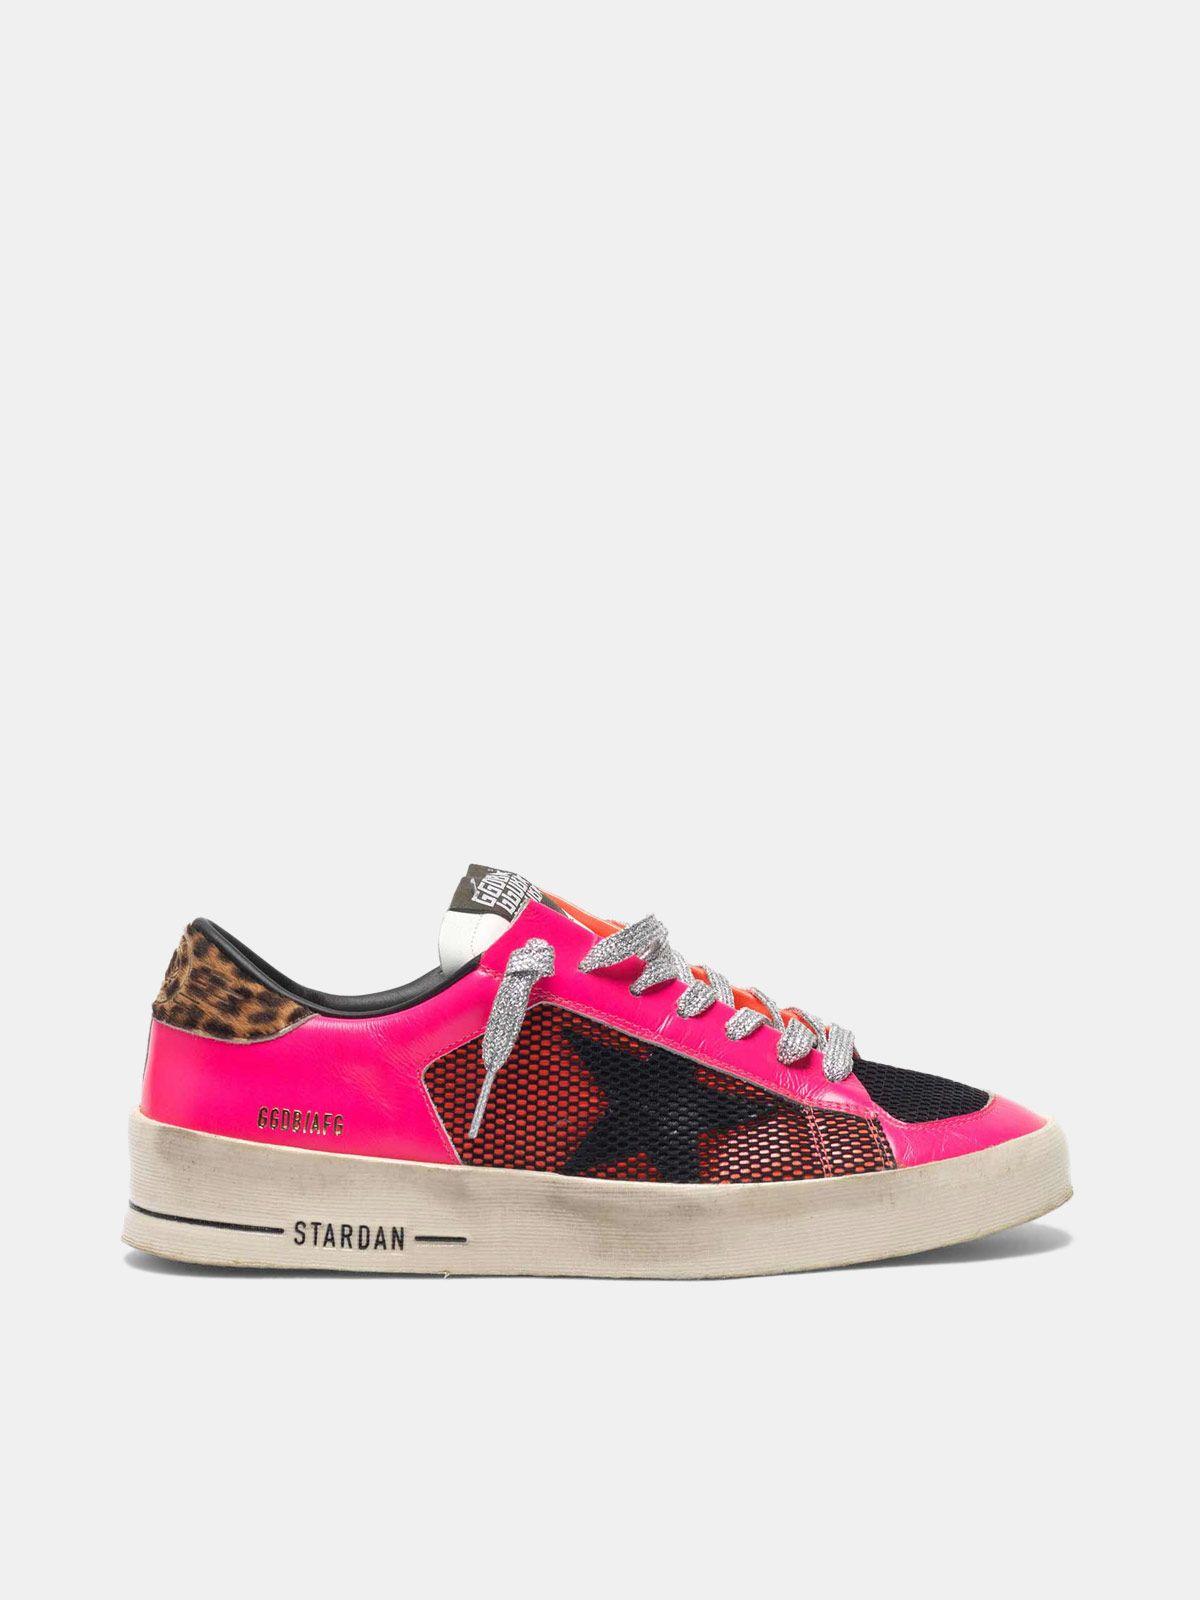 Golden Goose - Stardan sneakers in fluorescent patchwork with leopard print heel tab in